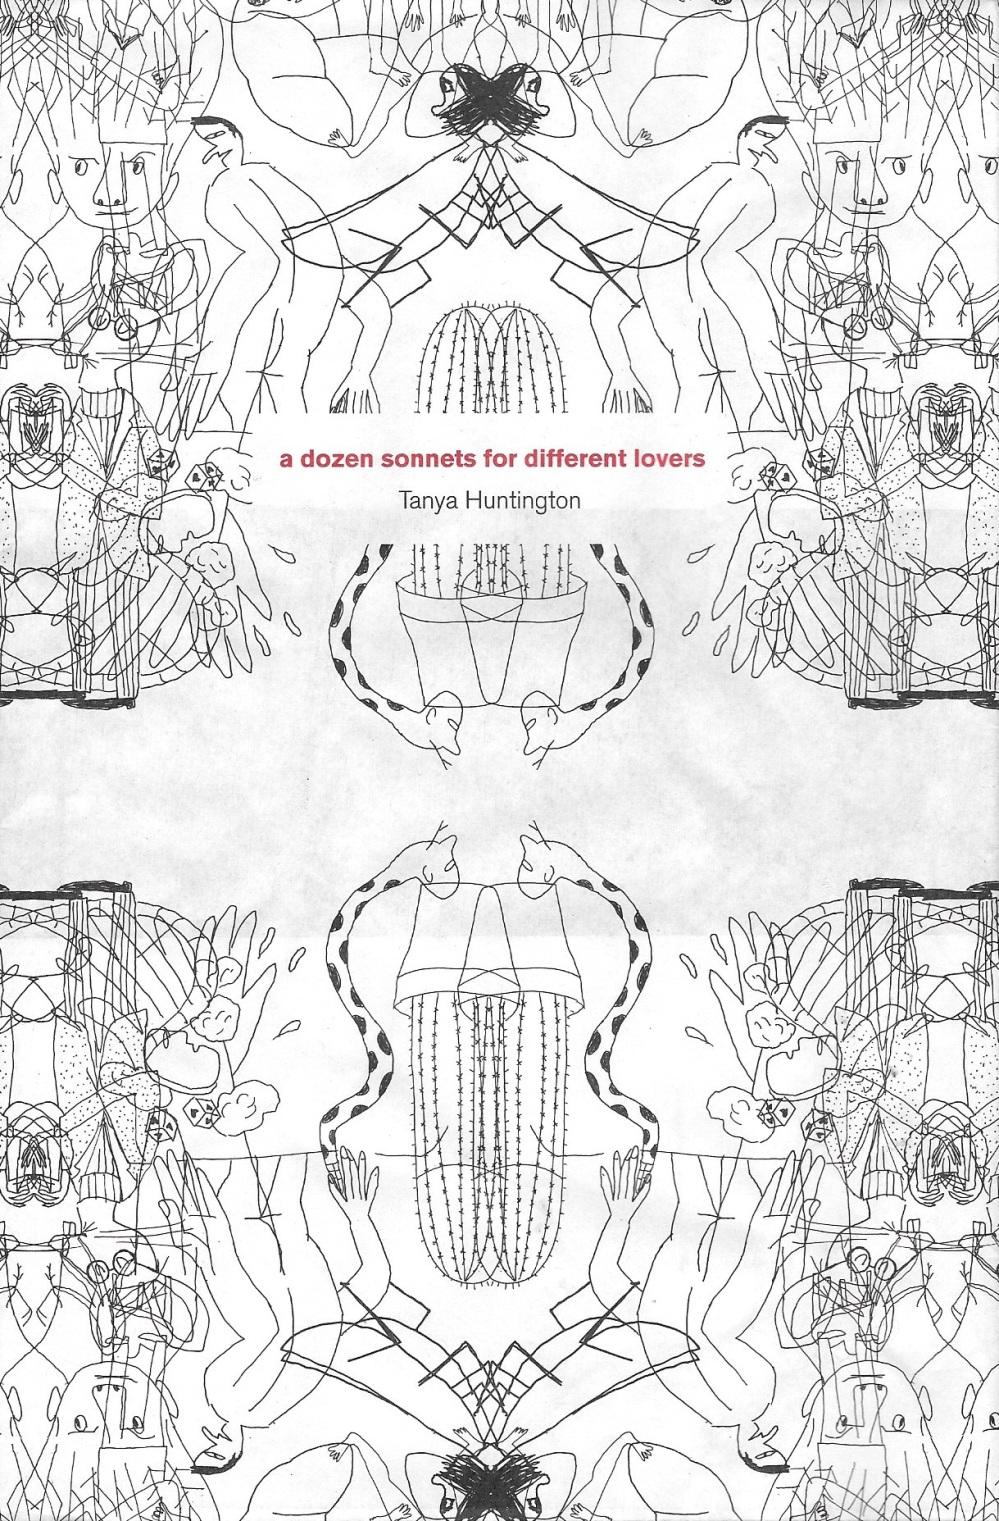 A dozen sonnets for different lovers de Tanya Huntington, traducción de Hernán Bravo Varela, ilustraciones de Alejandro Magallanes, Ediciones Acapulco, 2015.